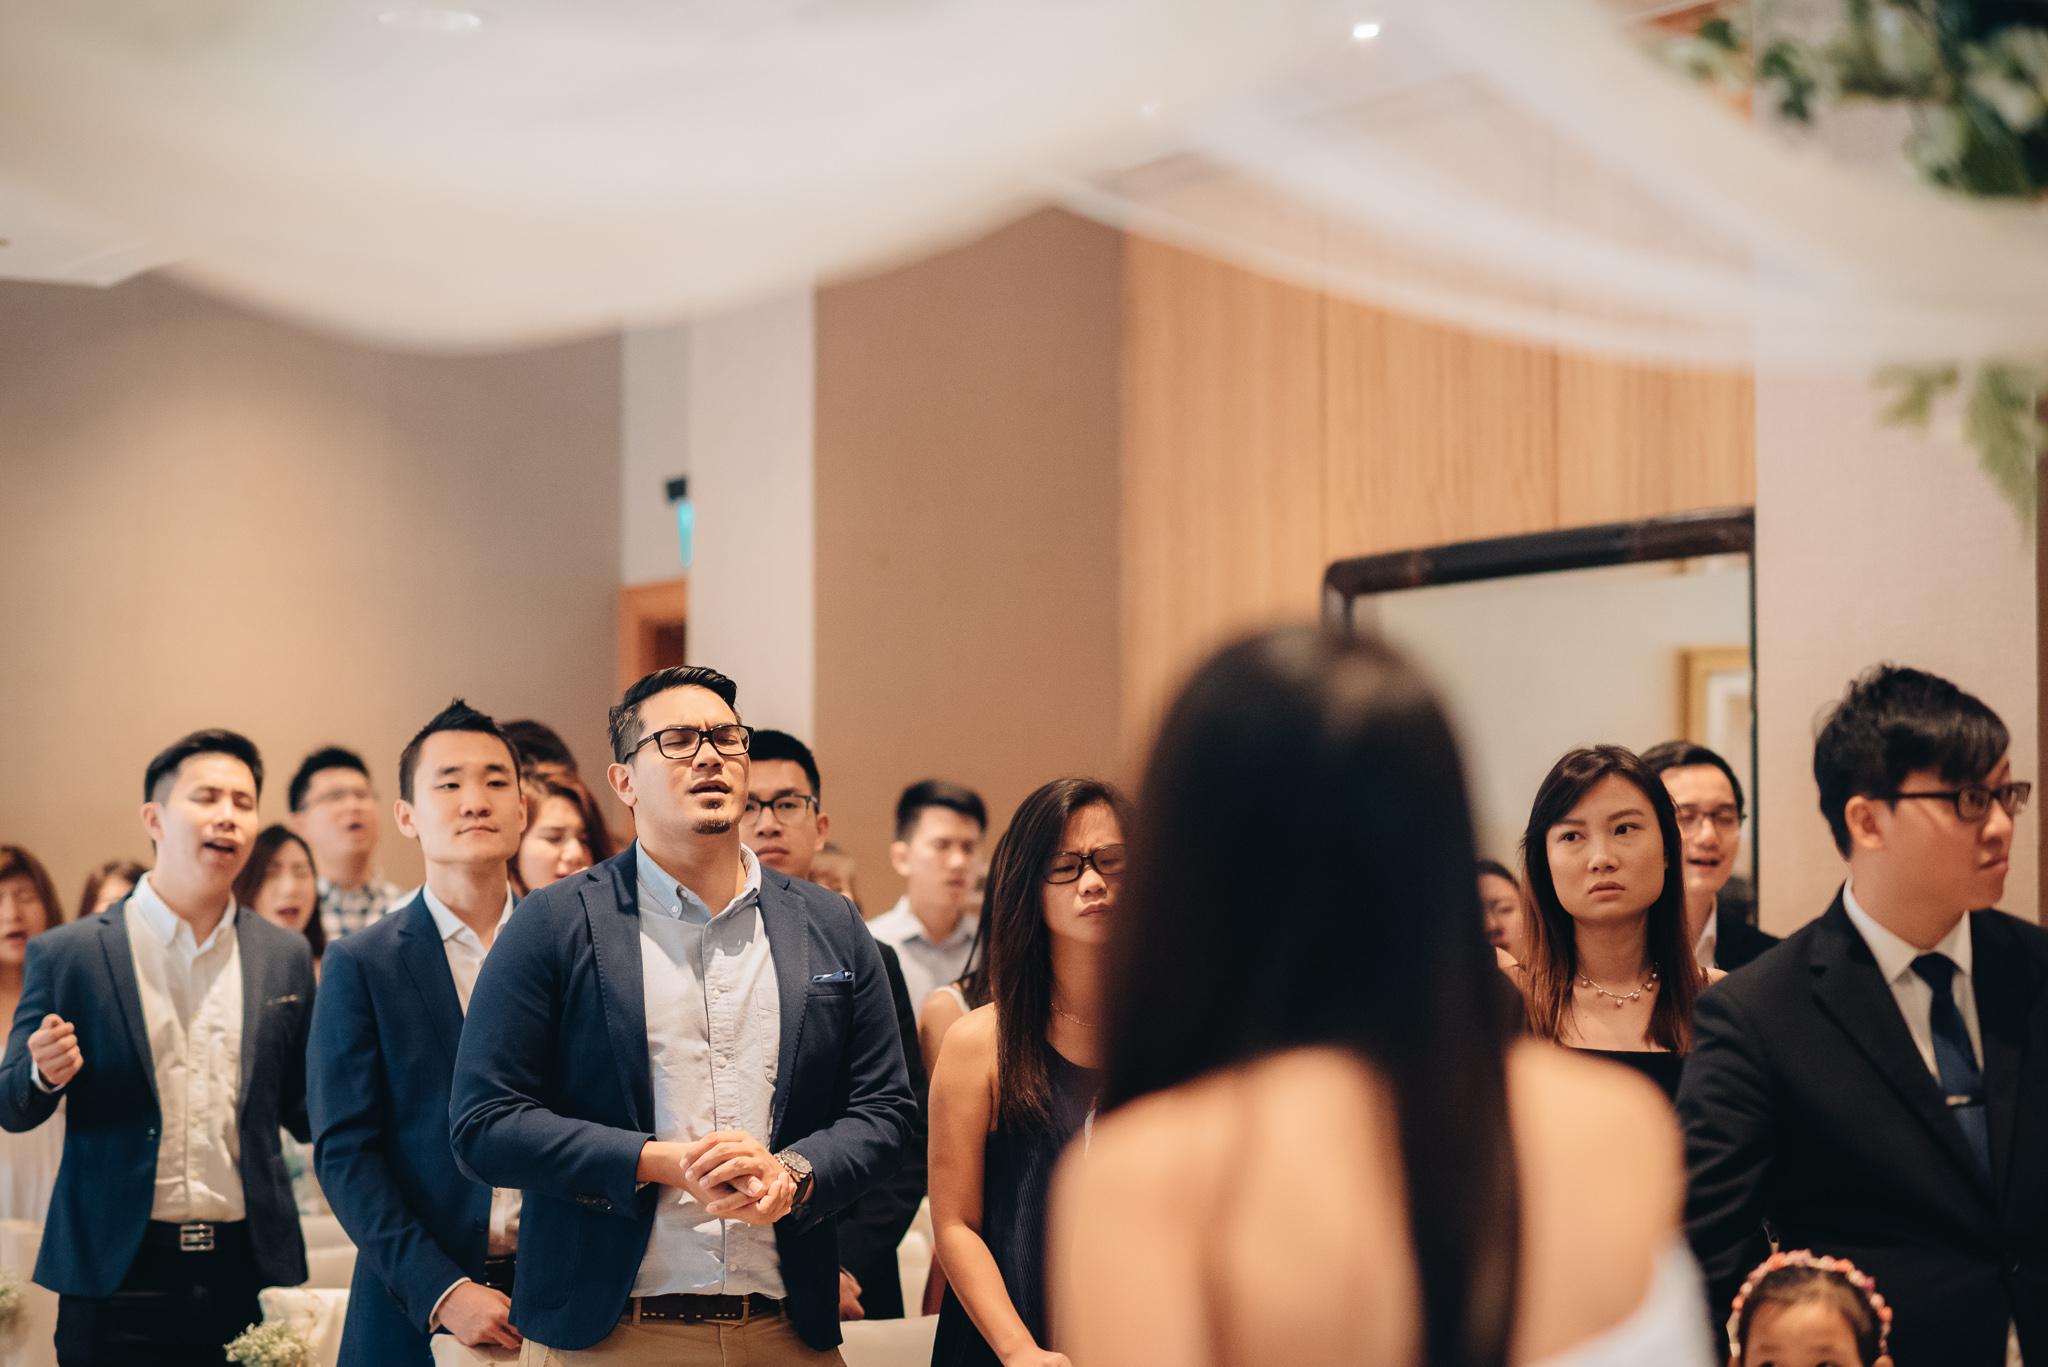 Jocelyn & Chris Wedding Day Highlights (resized for sharing) - 082.jpg